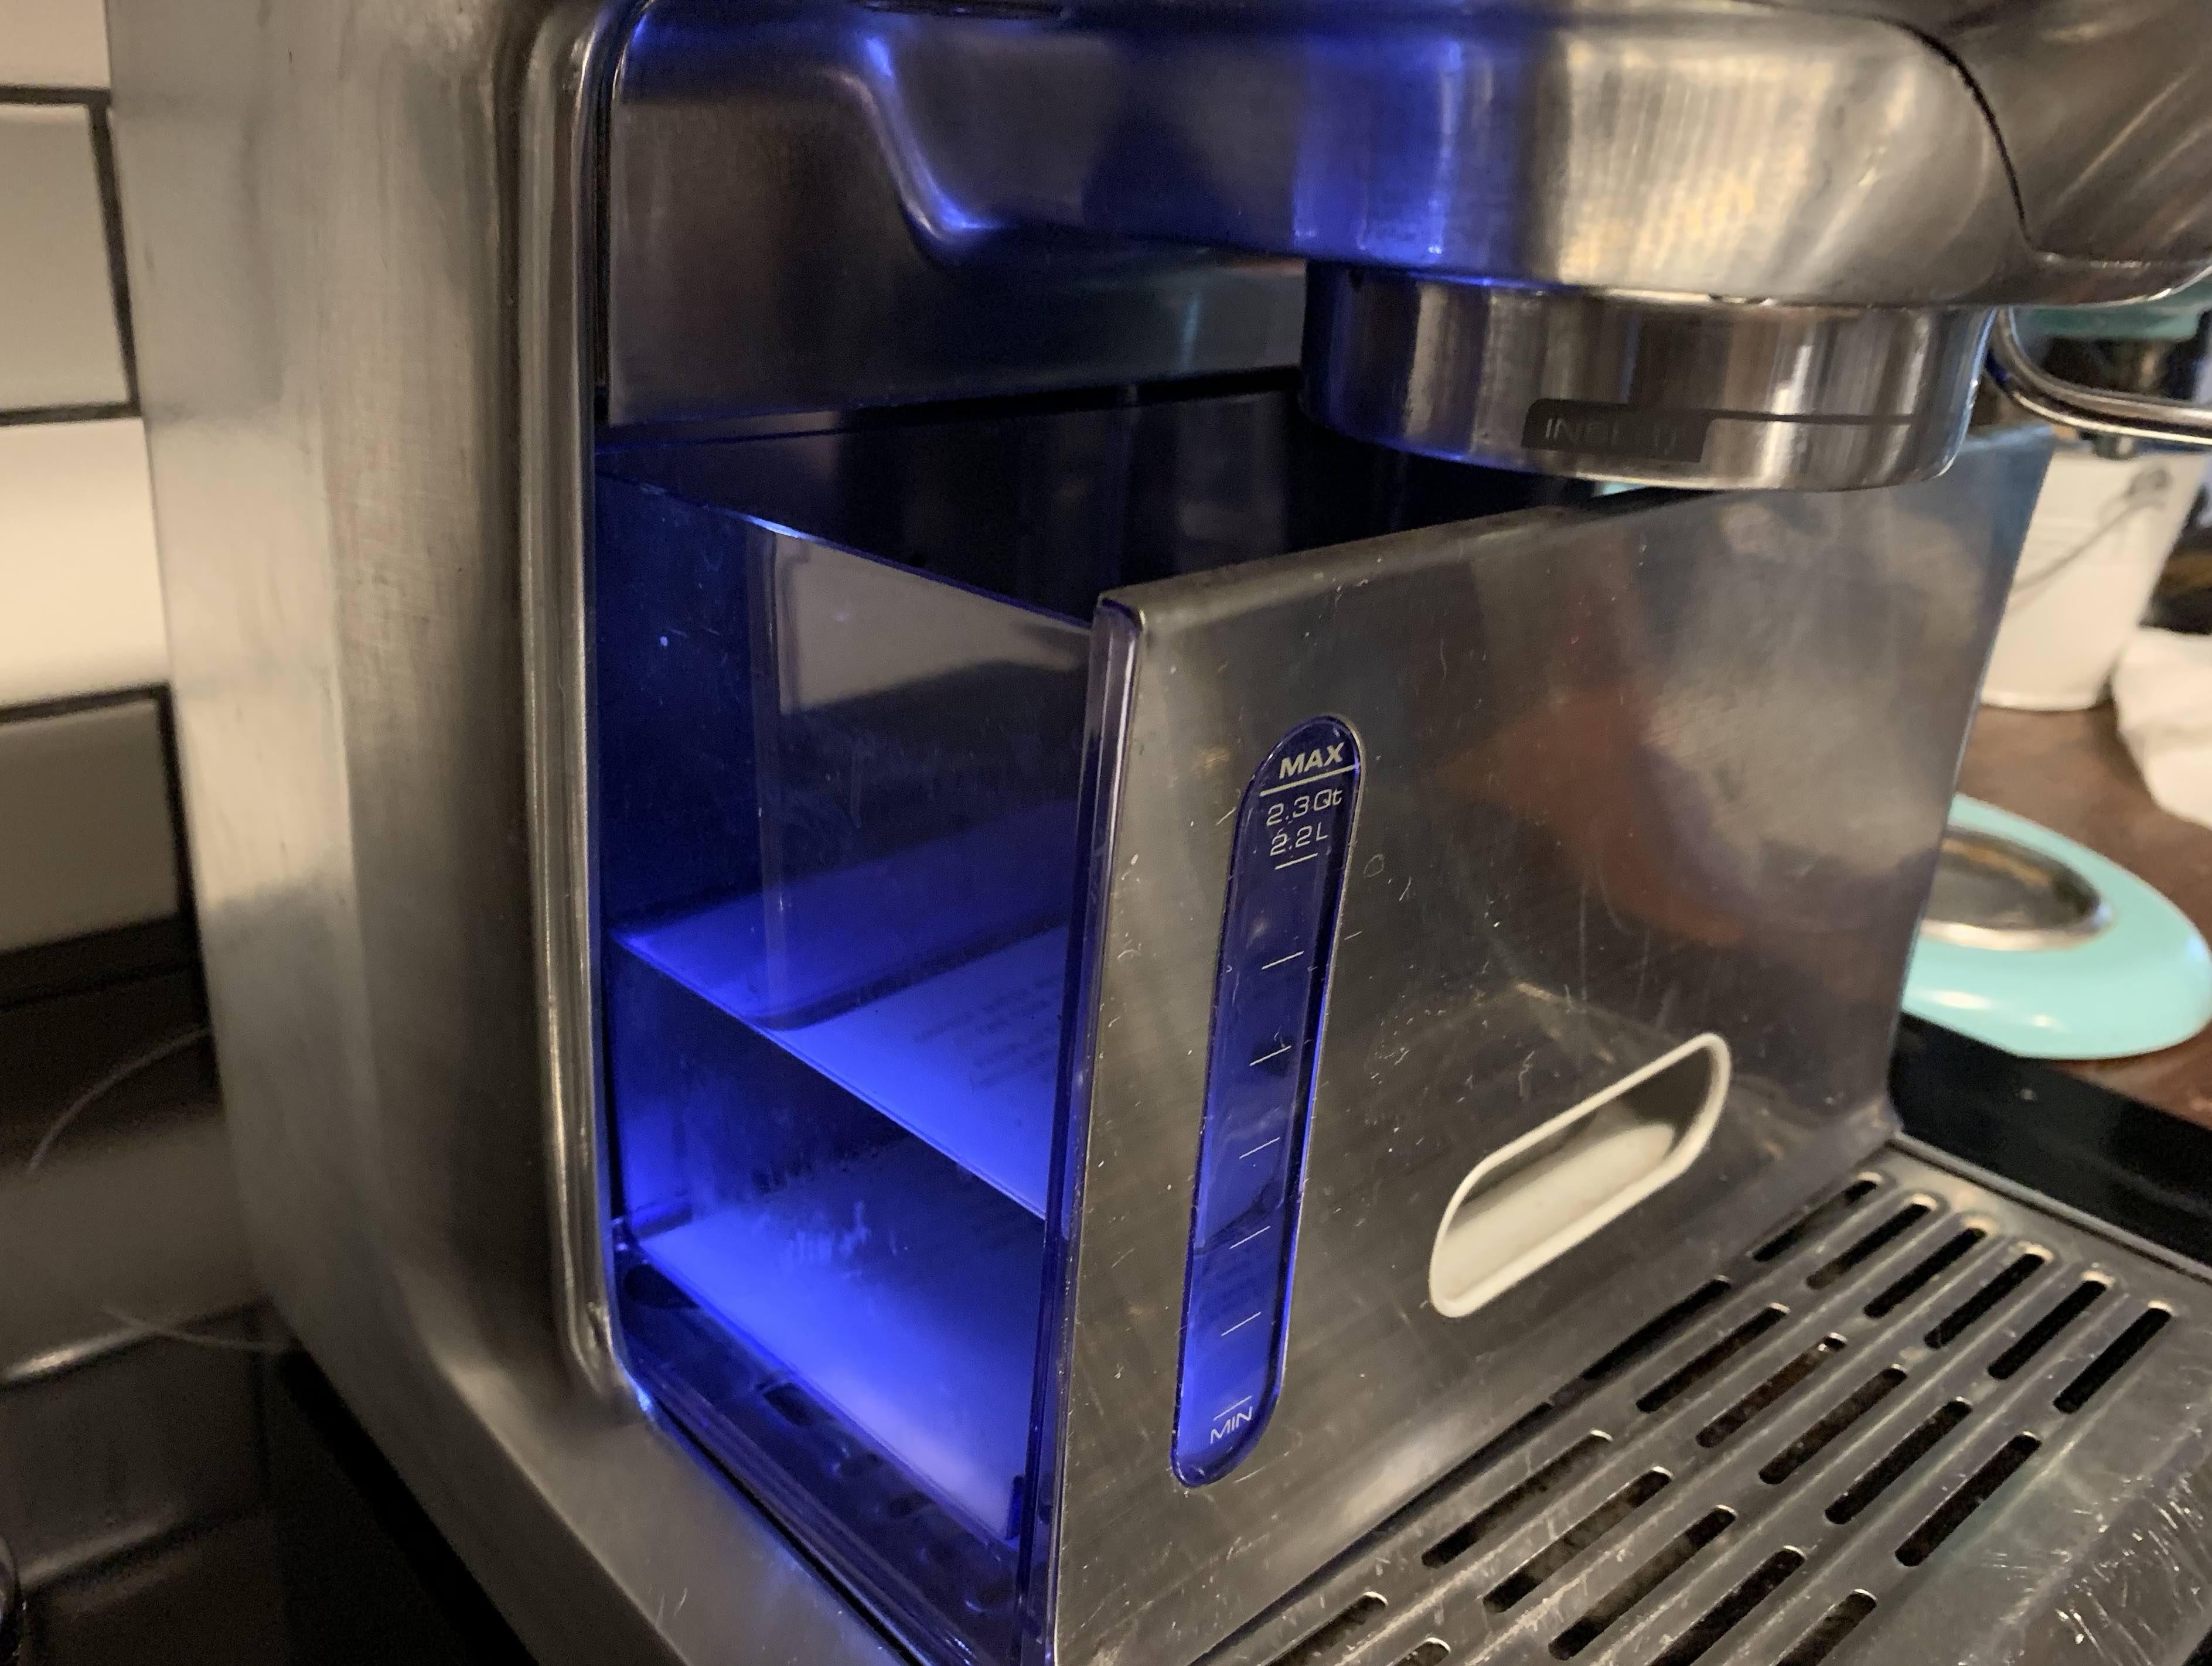 How to make espresso shot